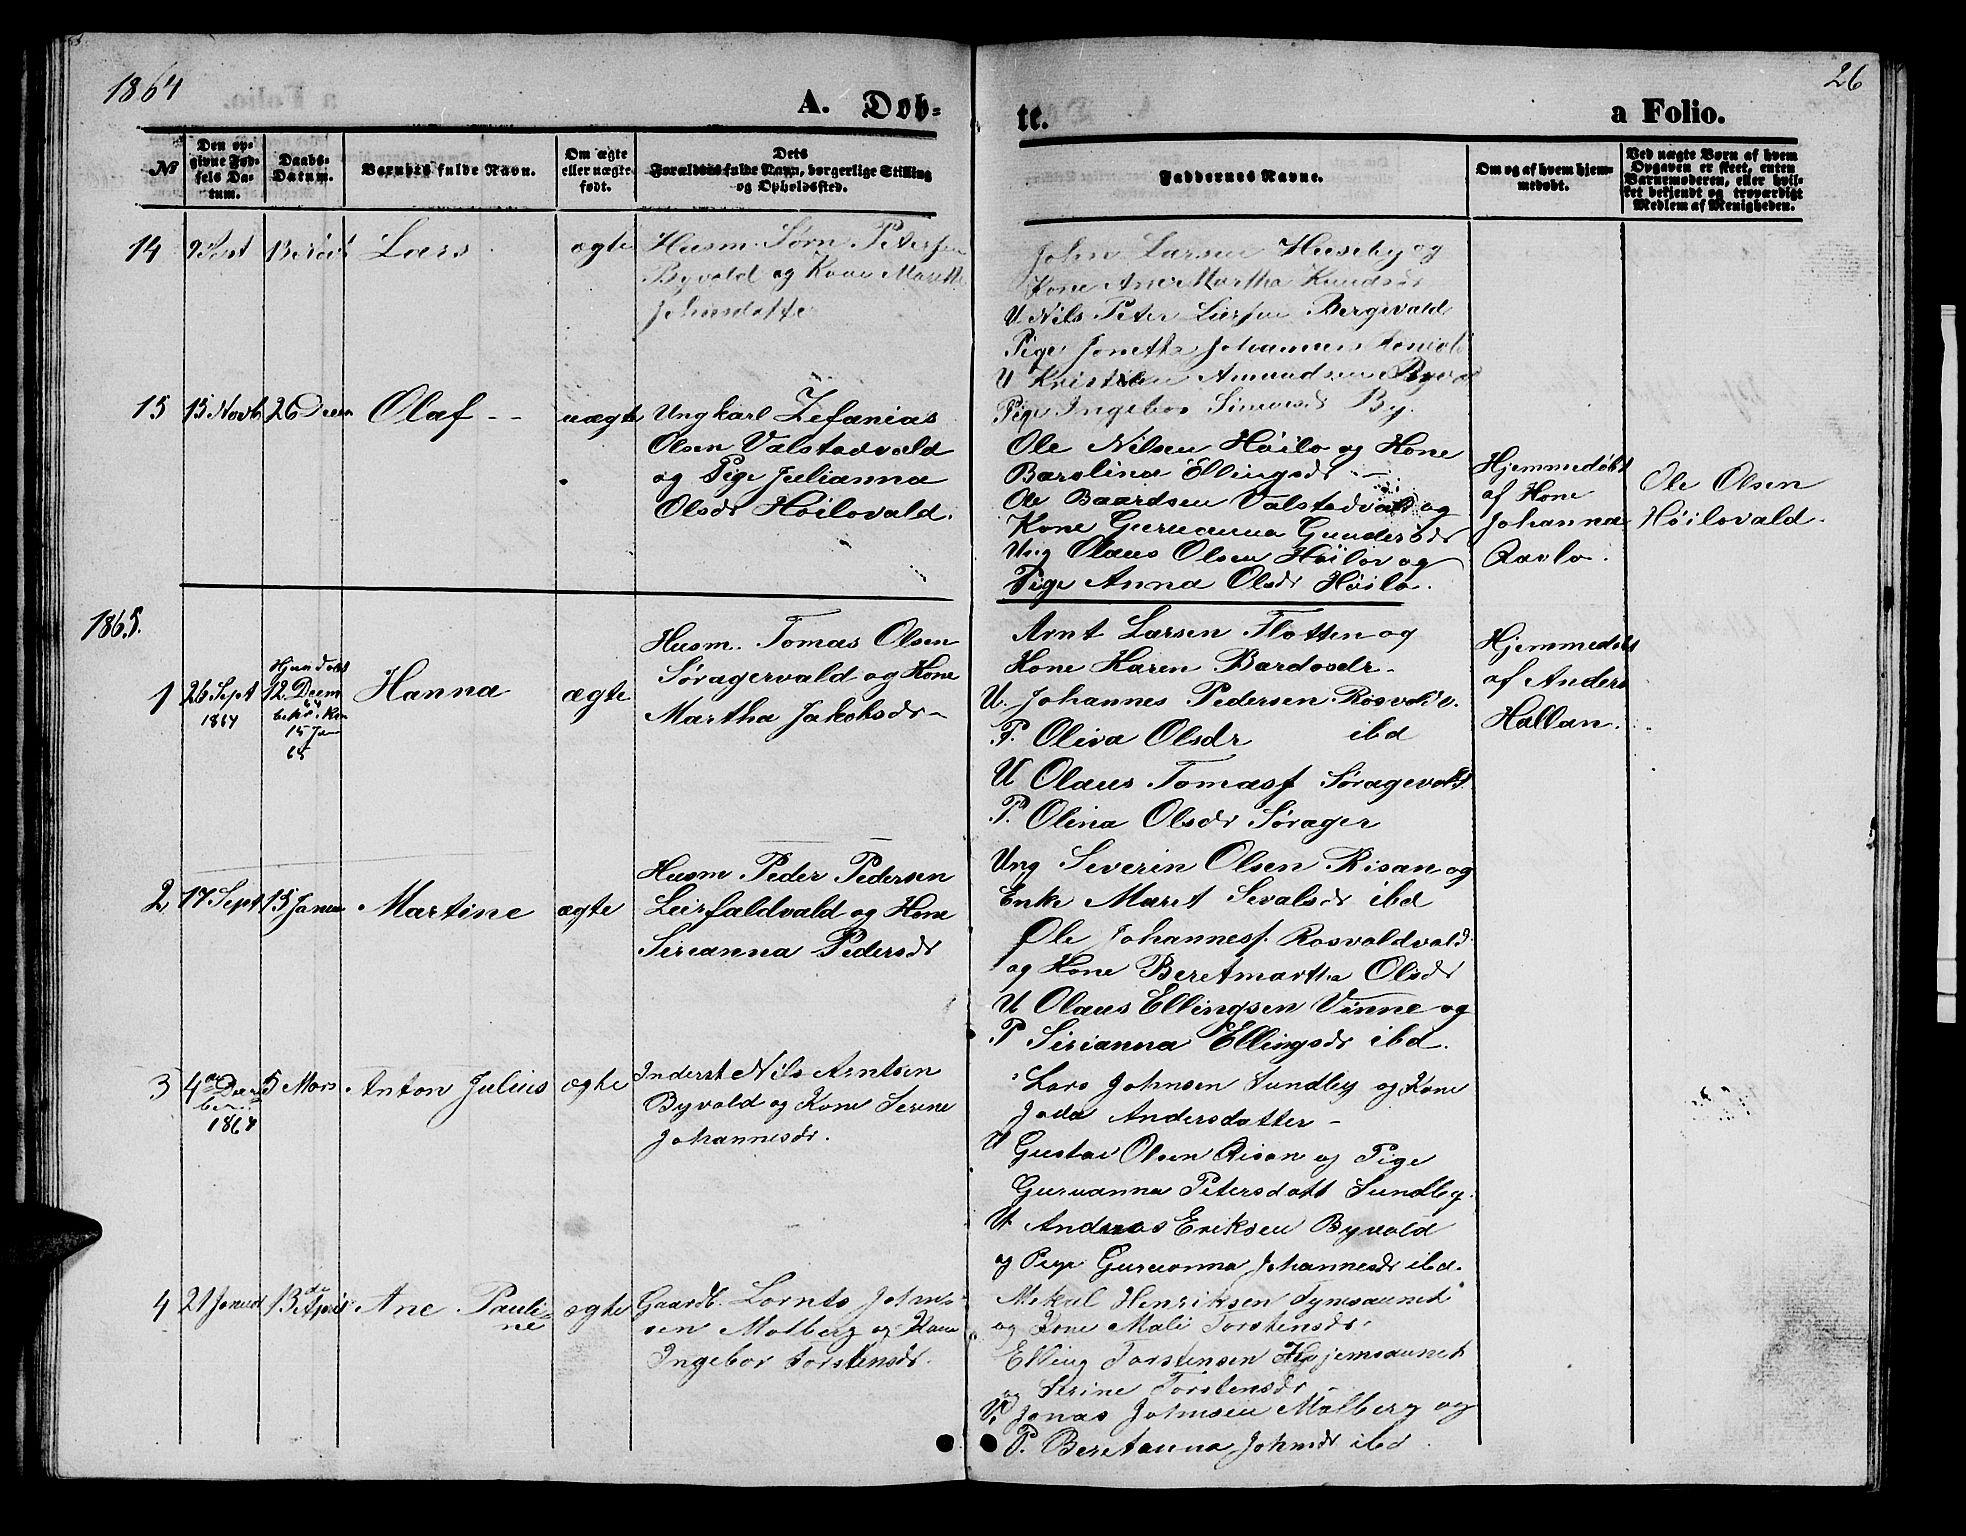 SAT, Ministerialprotokoller, klokkerbøker og fødselsregistre - Nord-Trøndelag, 726/L0270: Klokkerbok nr. 726C01, 1858-1868, s. 26